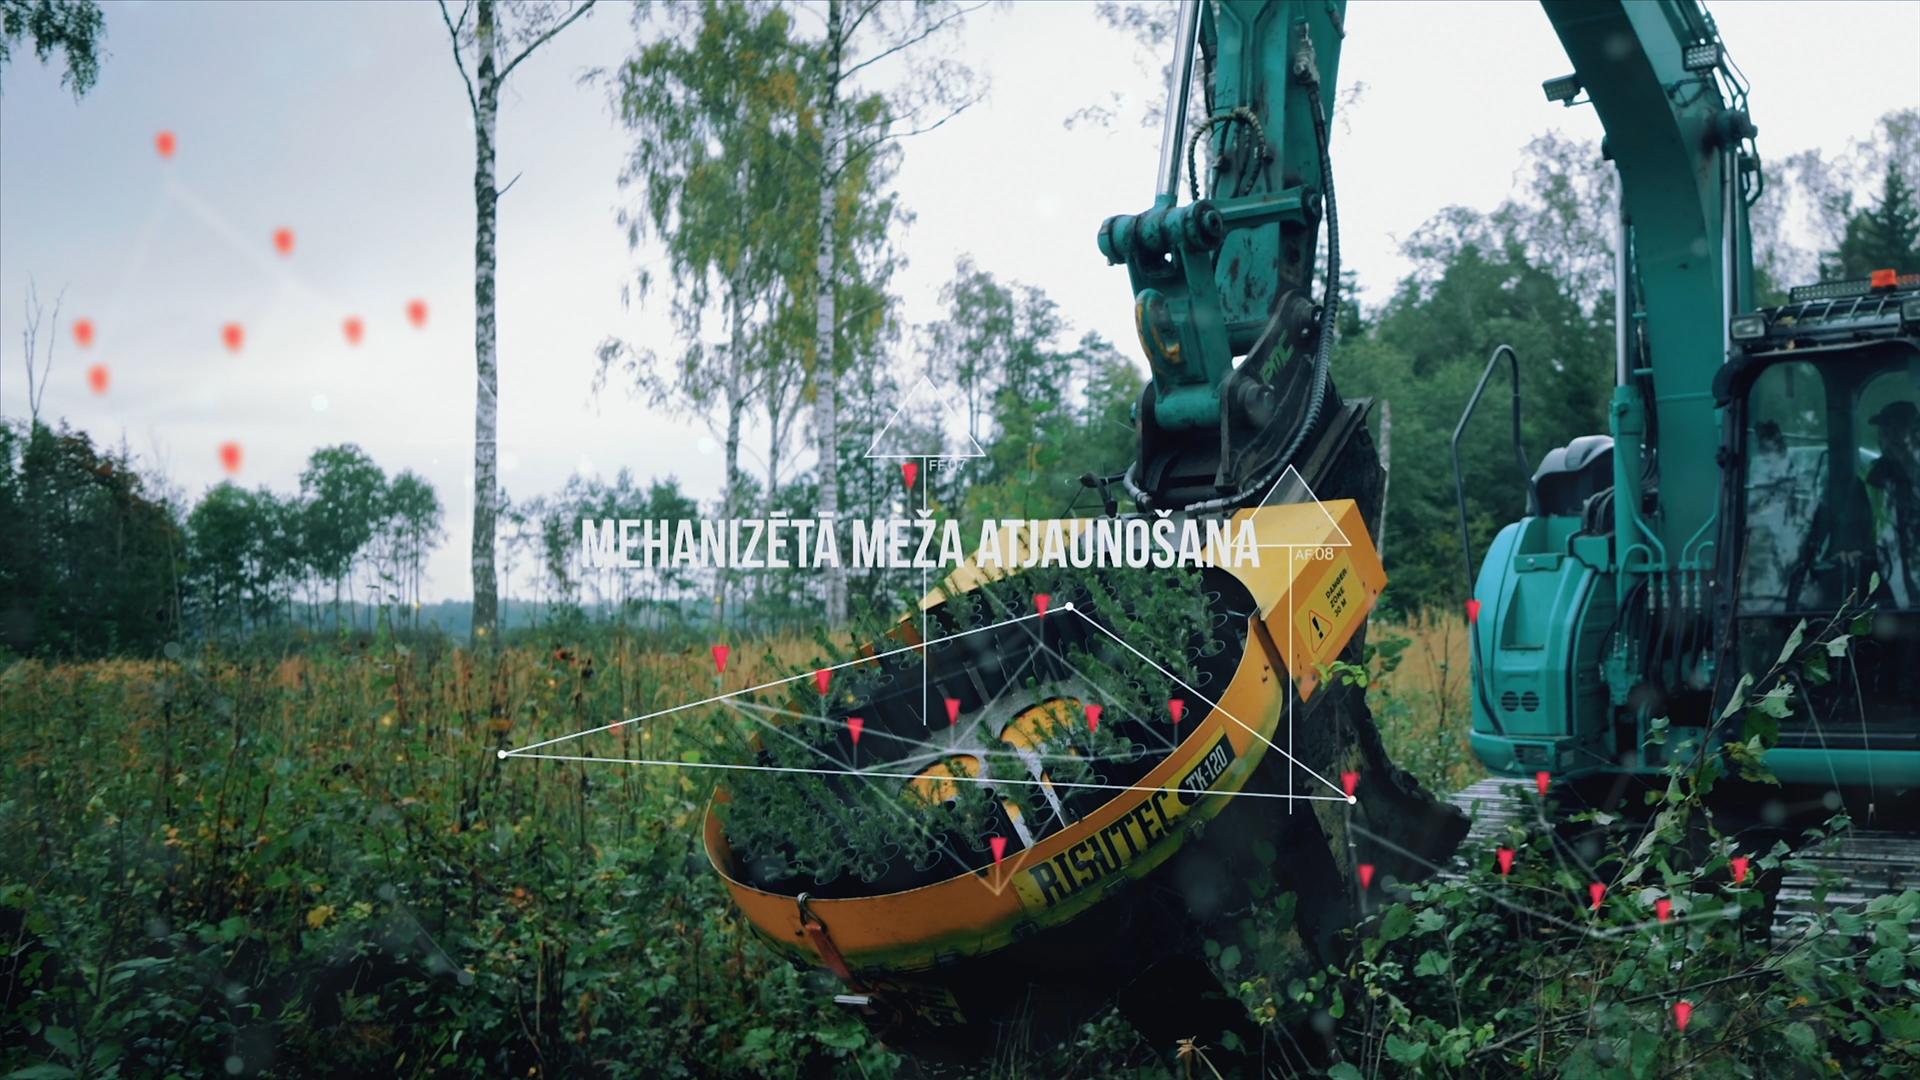 Mehanizēta meža atjaunošana